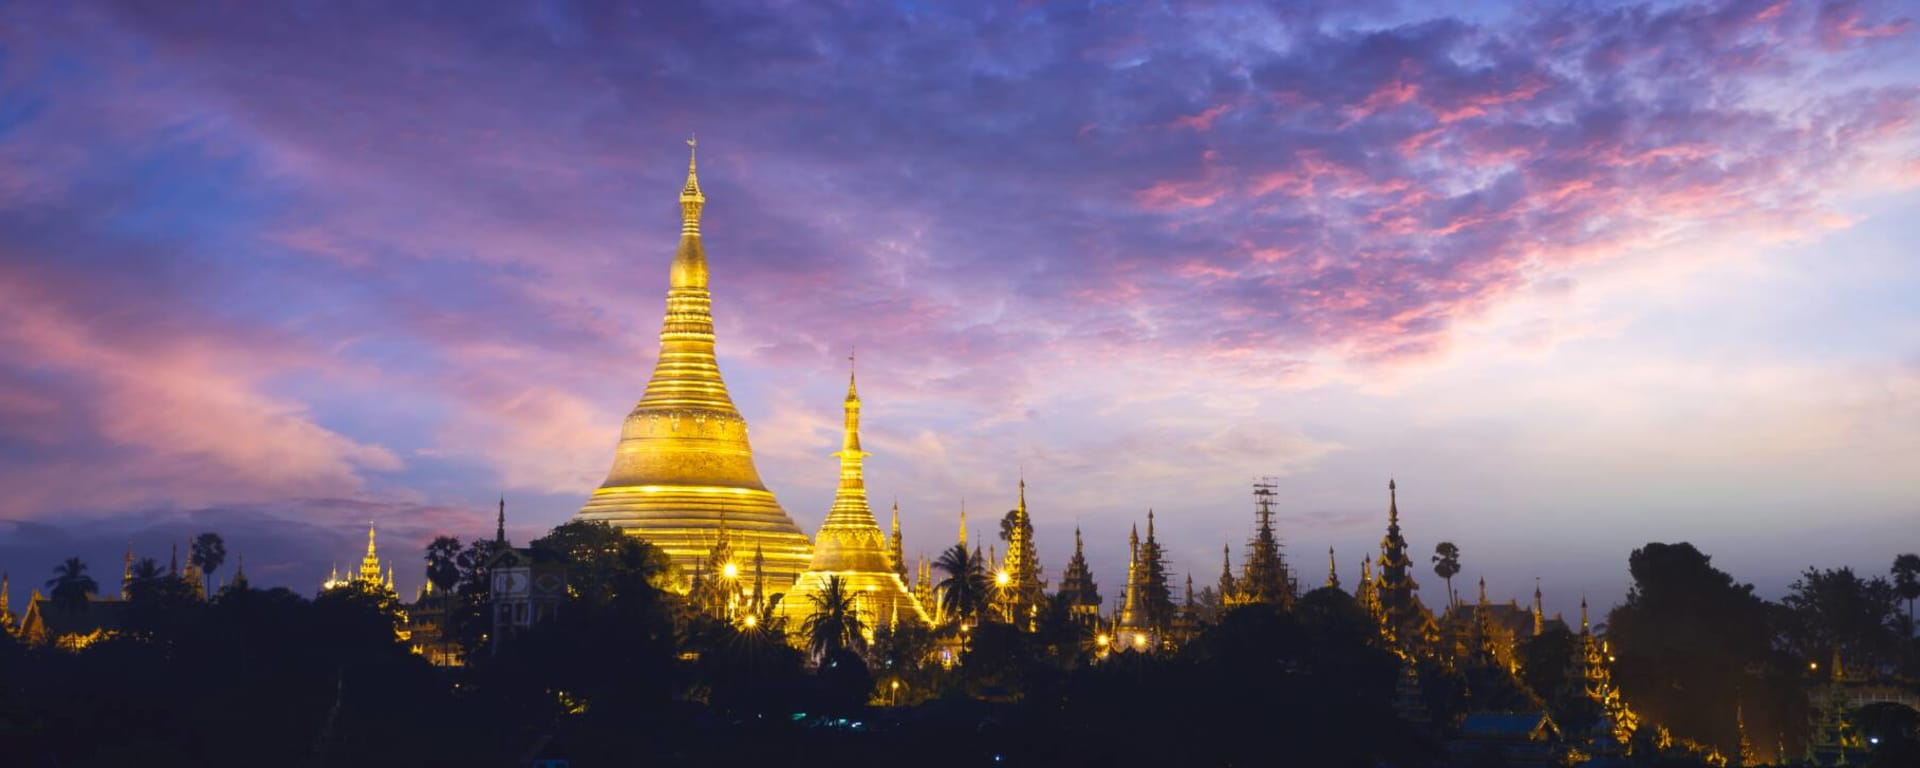 Myanmar entdecken mit Tischler Reisen: 1mm-yangon-shwedagon-pagode-as_112803351-Patrick Foto